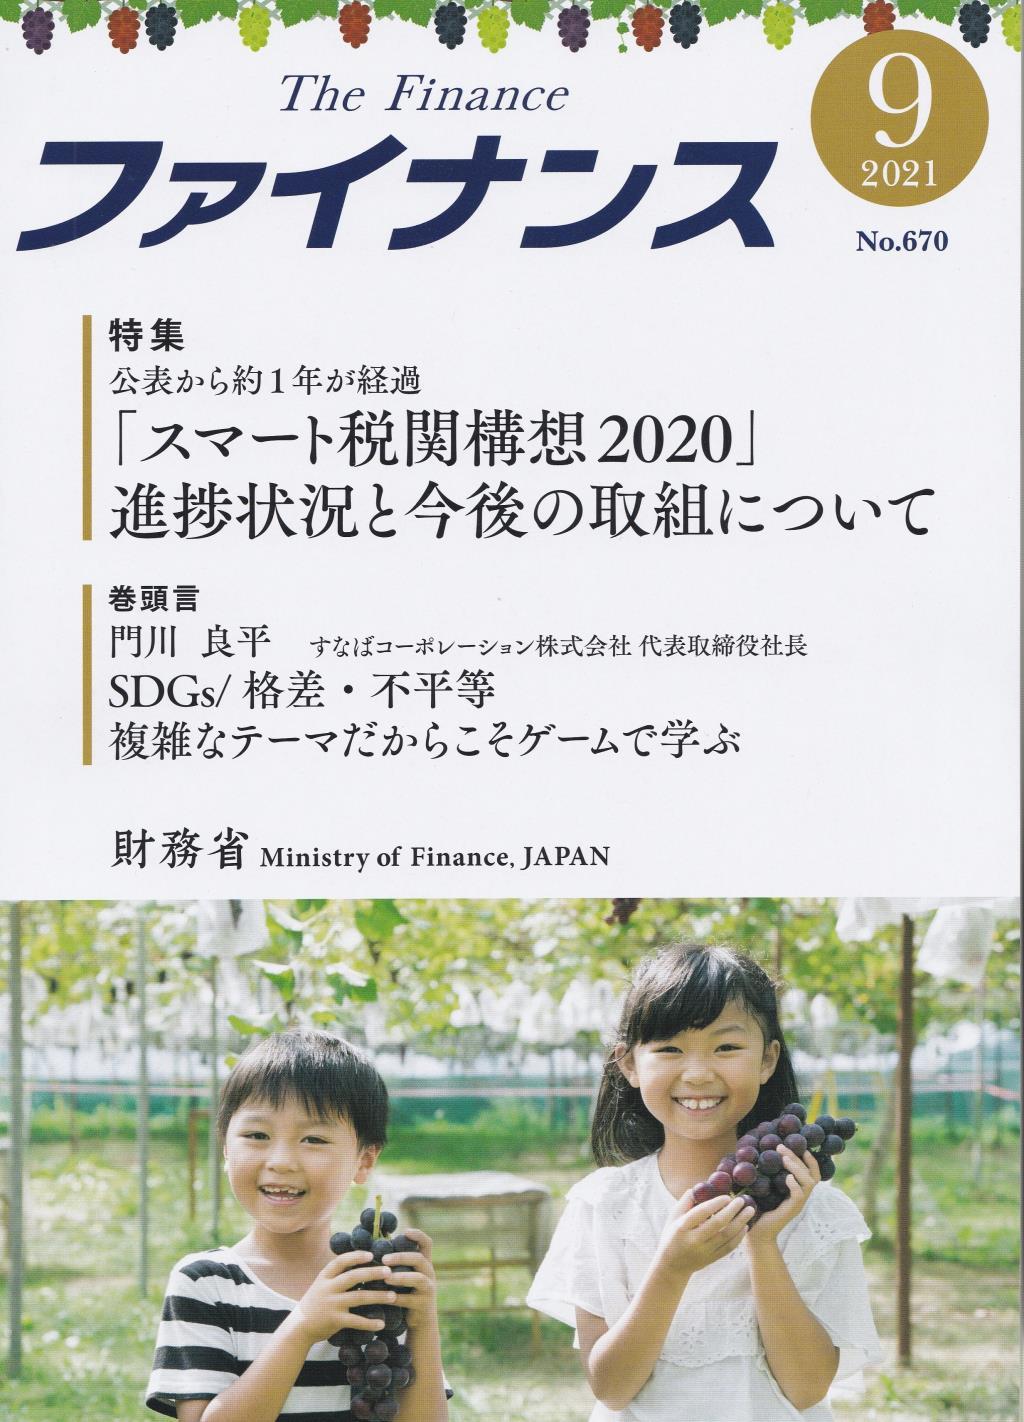 ファイナンス 2021年9月号 第57巻第6号 通巻670号